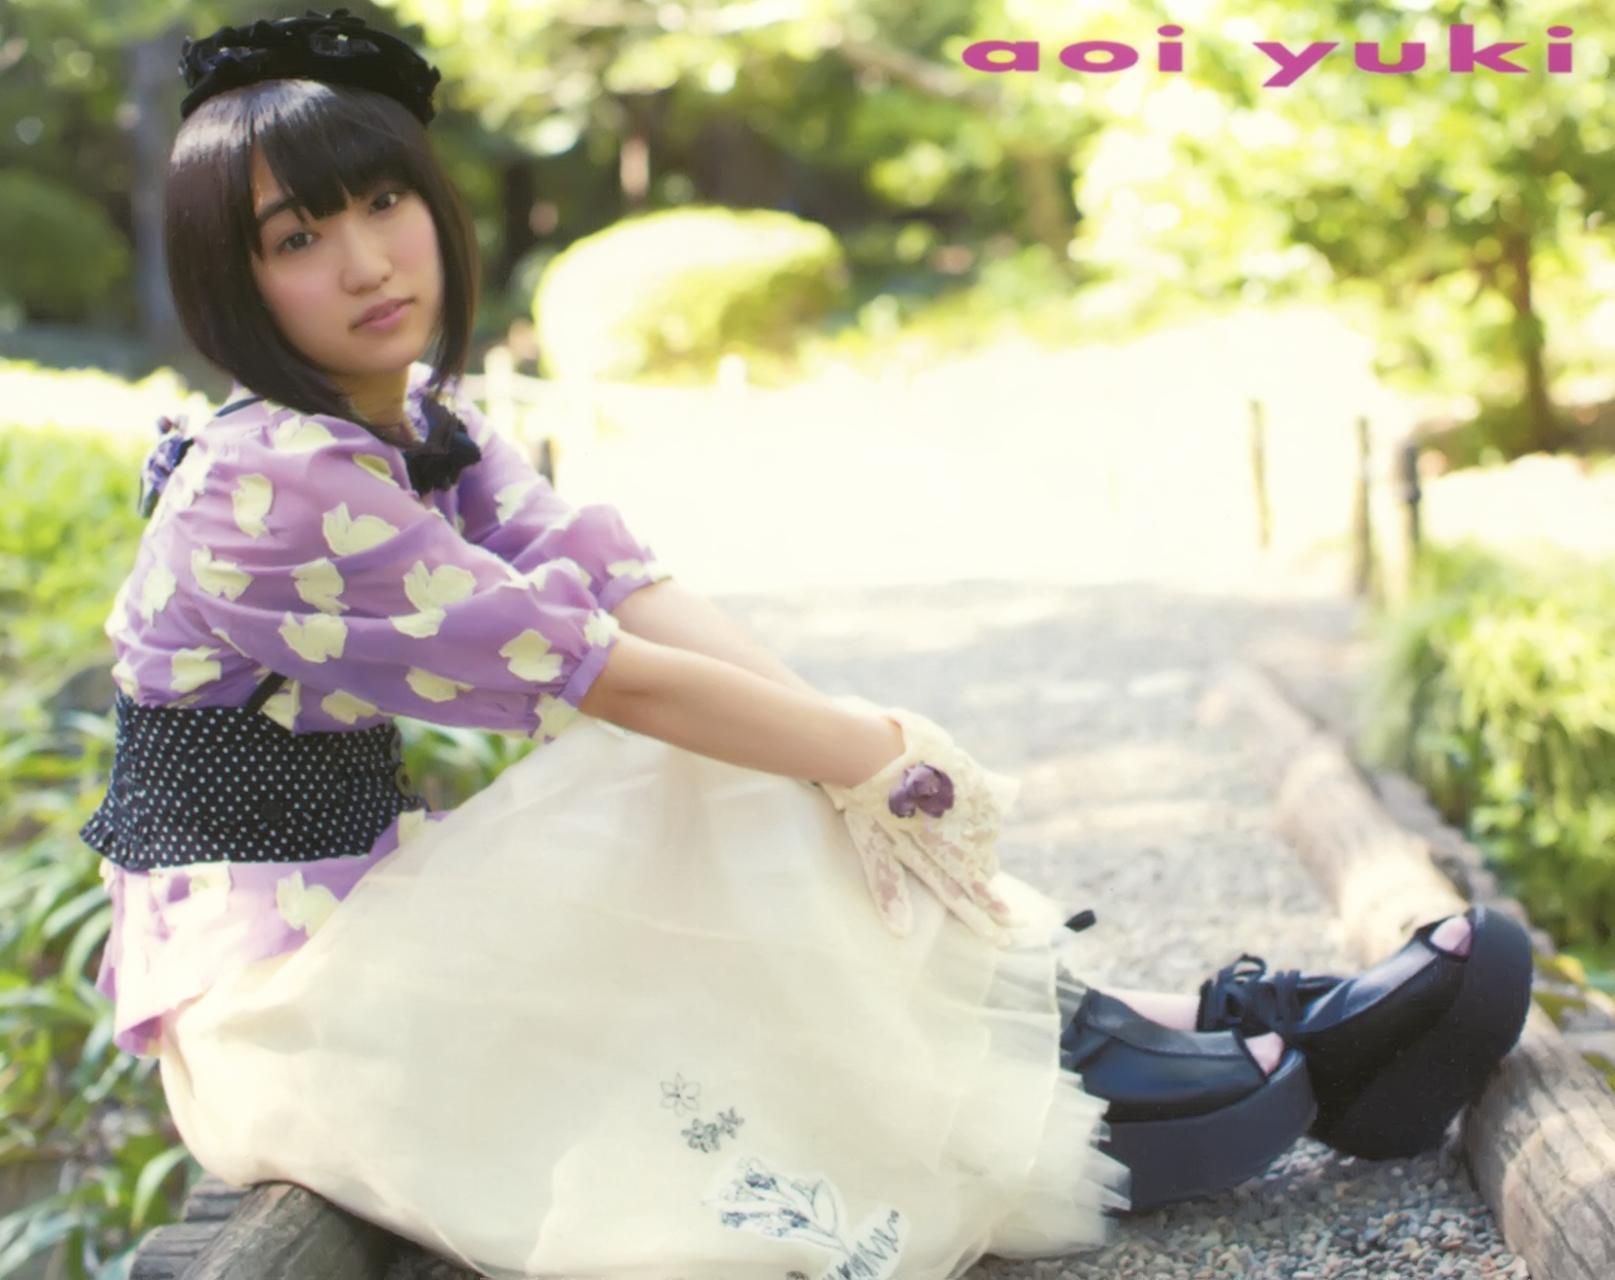 yuuki_aoi142.jpg